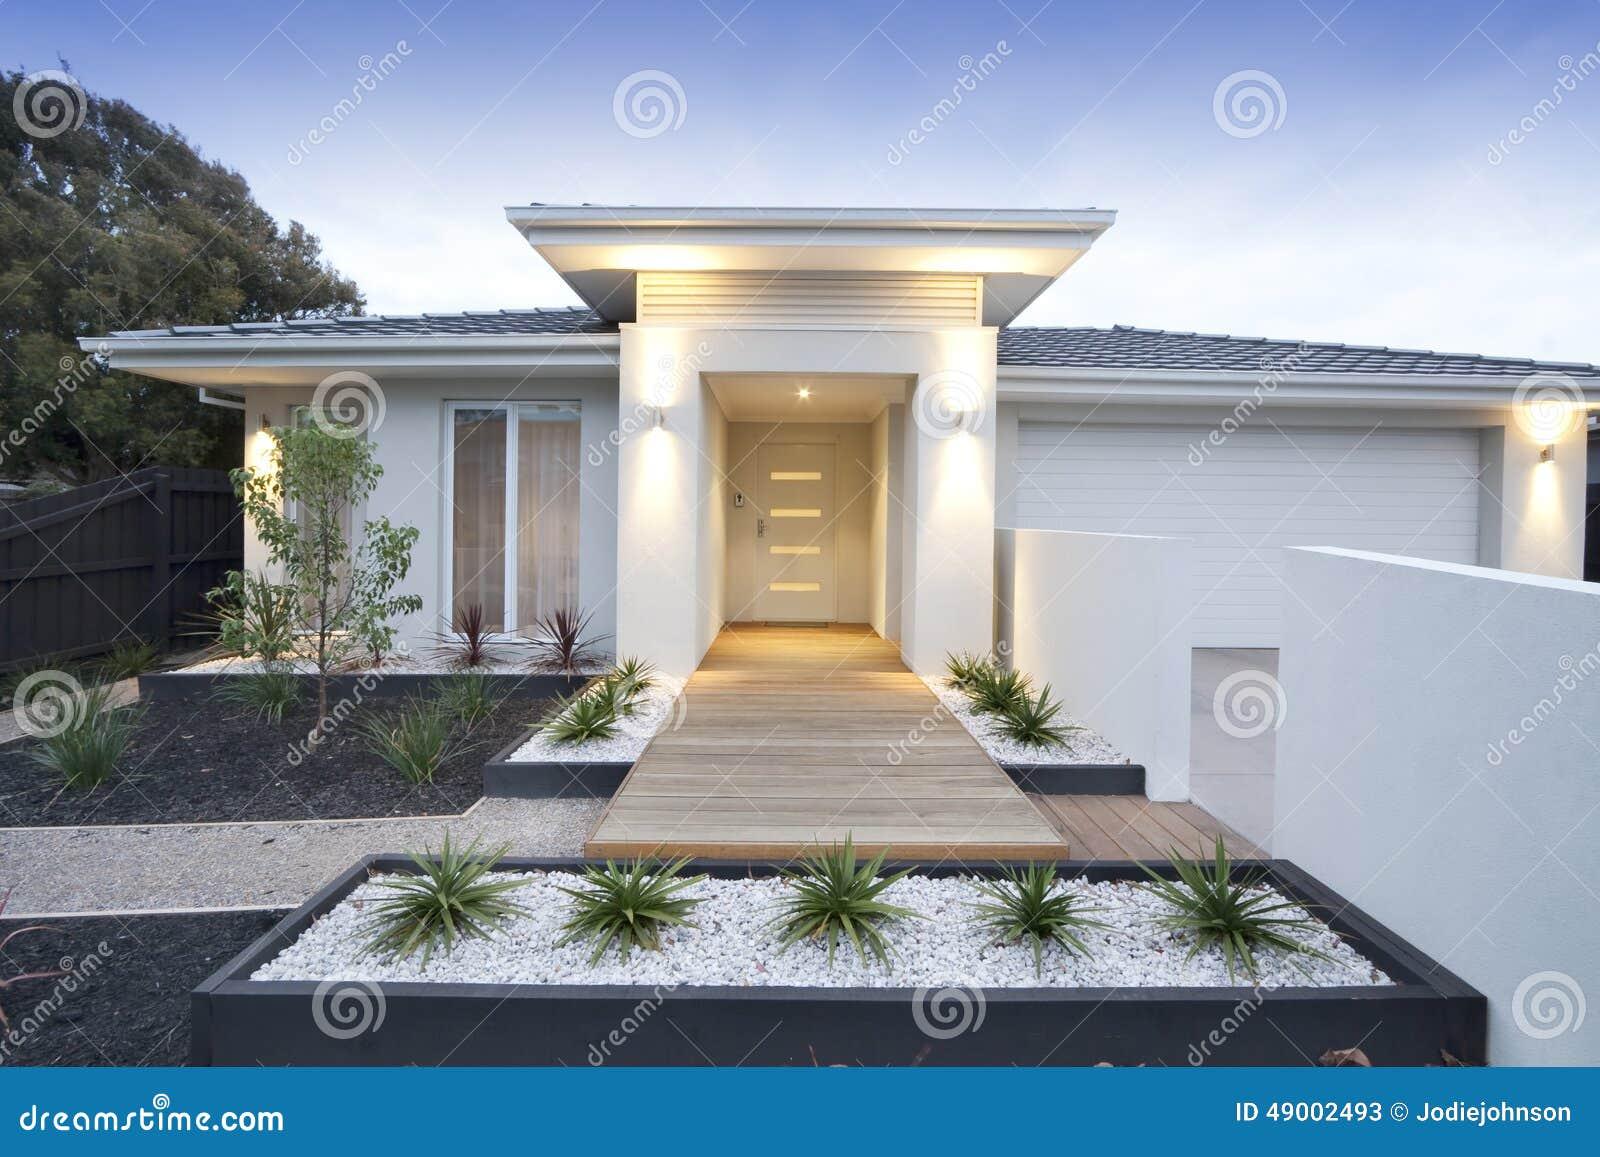 Ext rieur contemporain blanc de maison photo stock image - Luminaire exterieur moderne ...